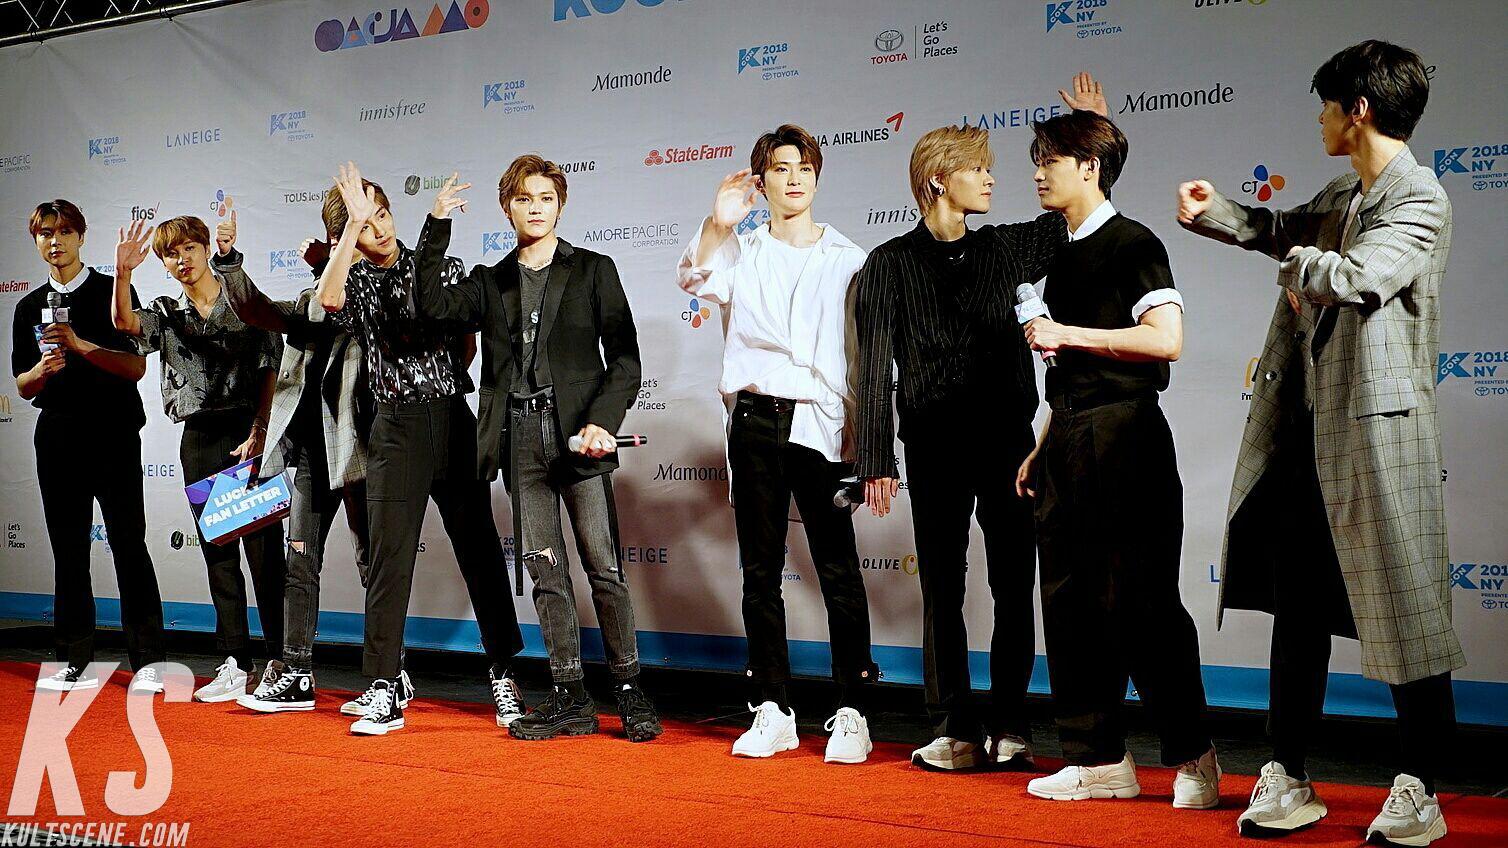 NCT 2017 KCON 2018 NY